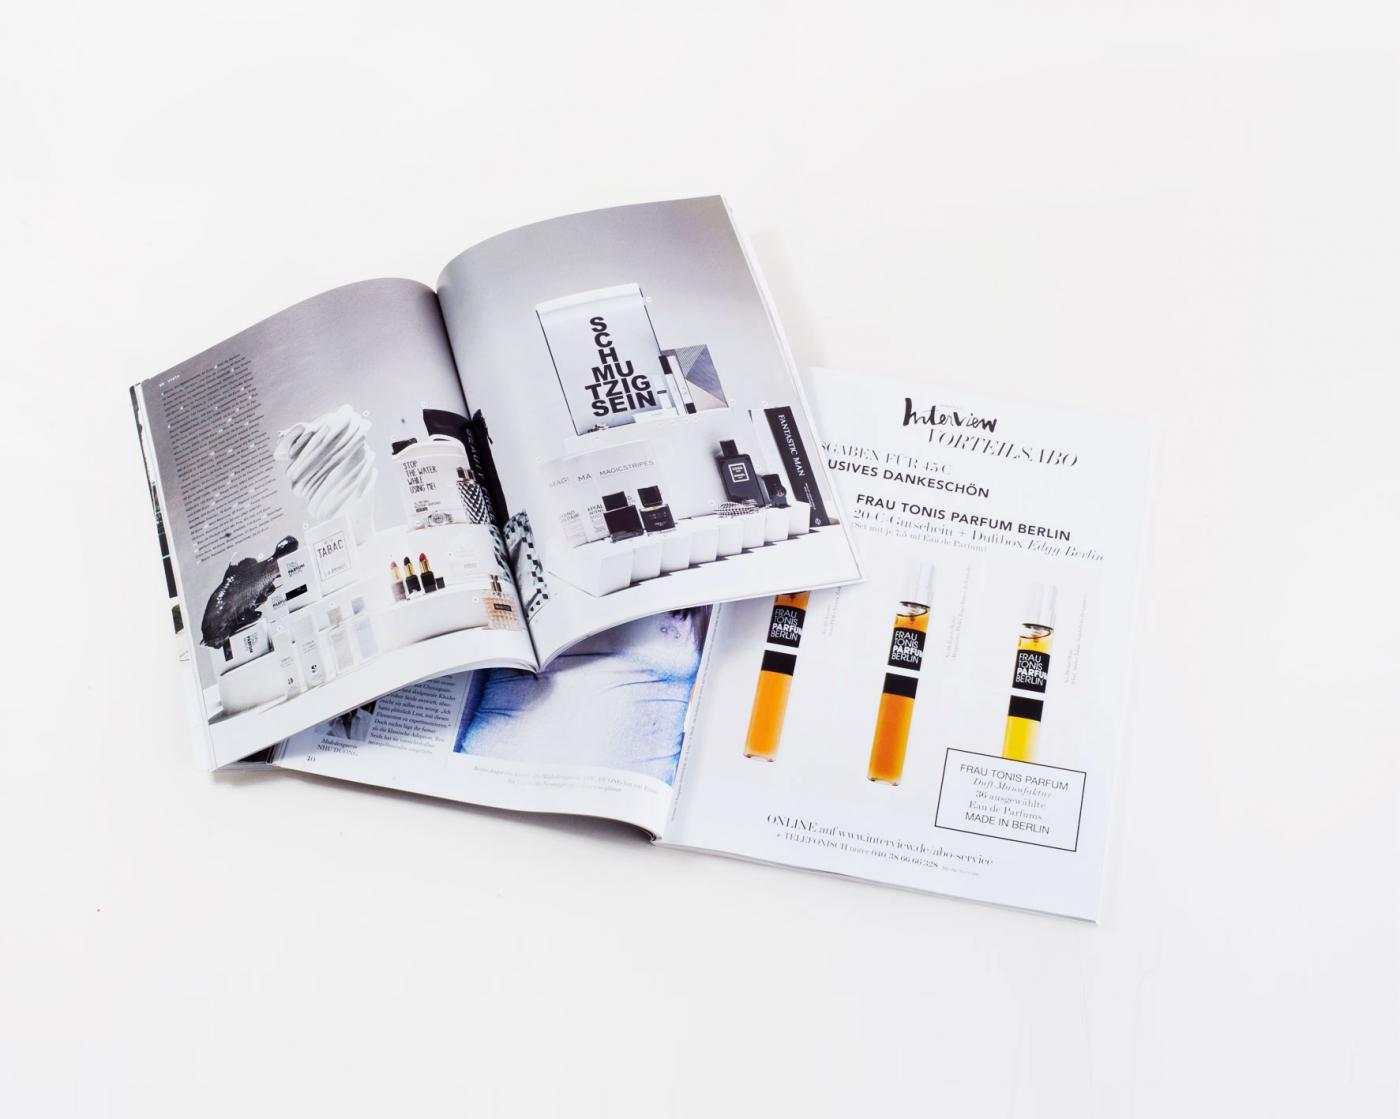 werbeagentur-gronewald-berlin-frau-tonis-parfum-presse-interview-magazine